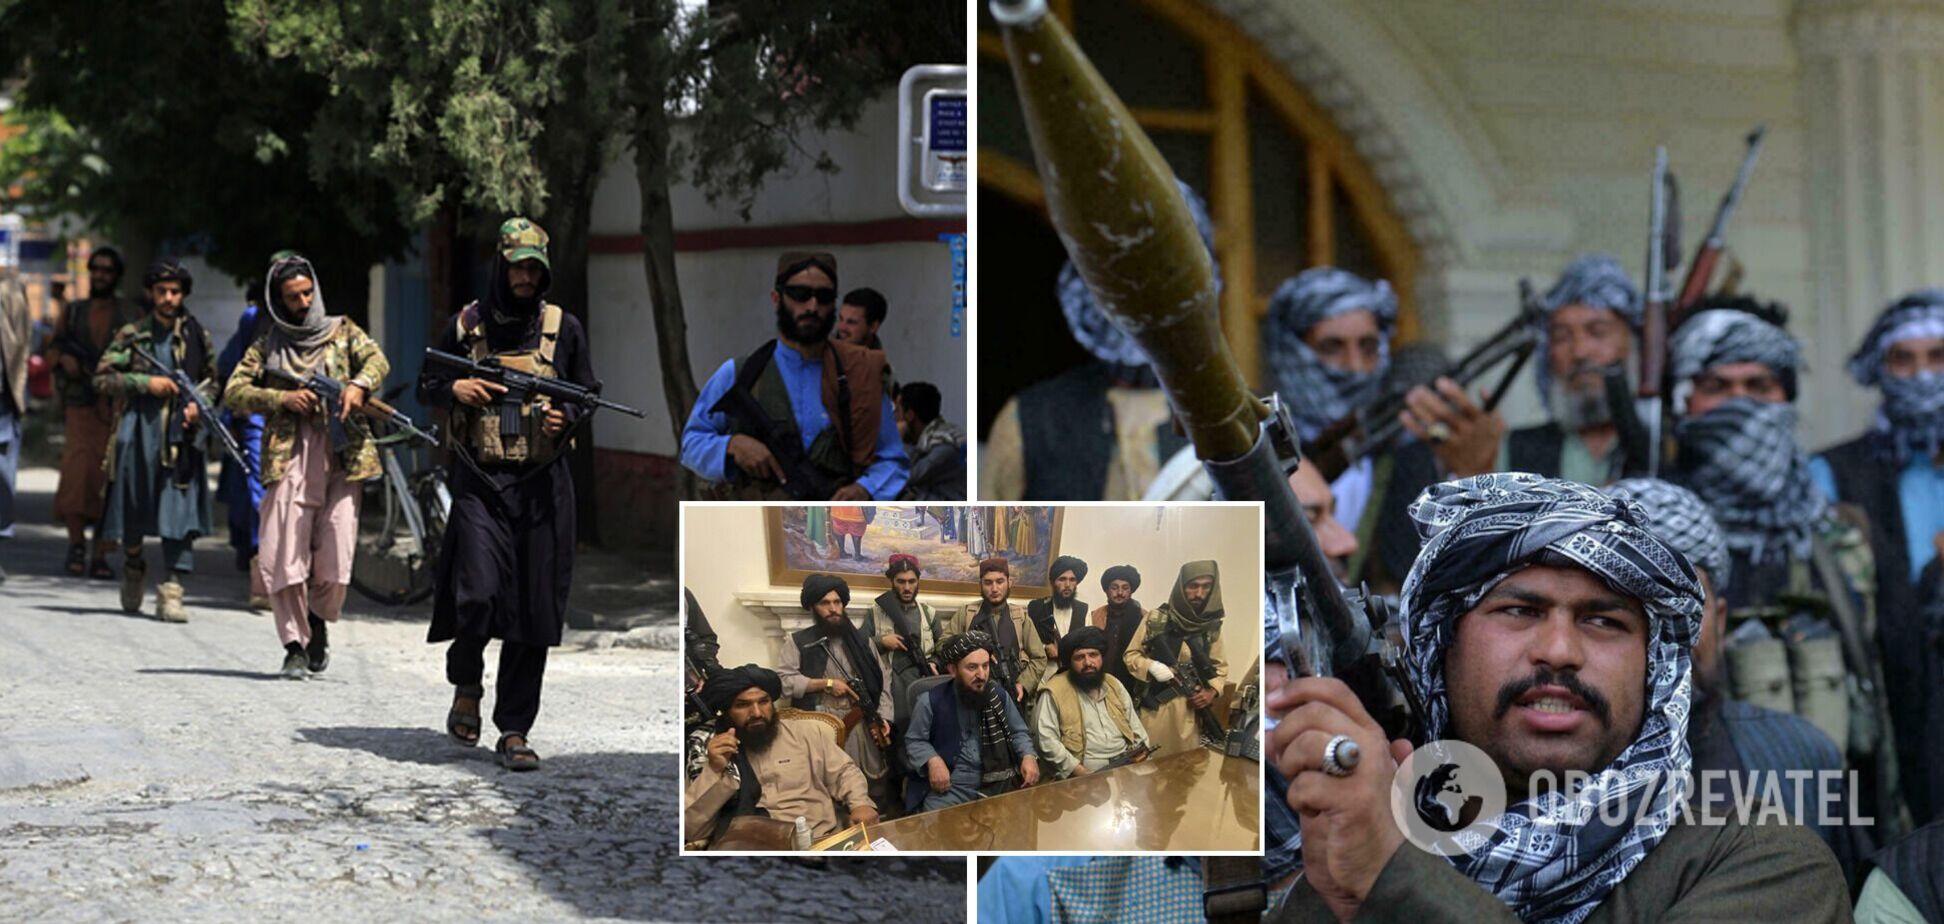 Талибы официально представили состав своего правительства: появилась реакция США